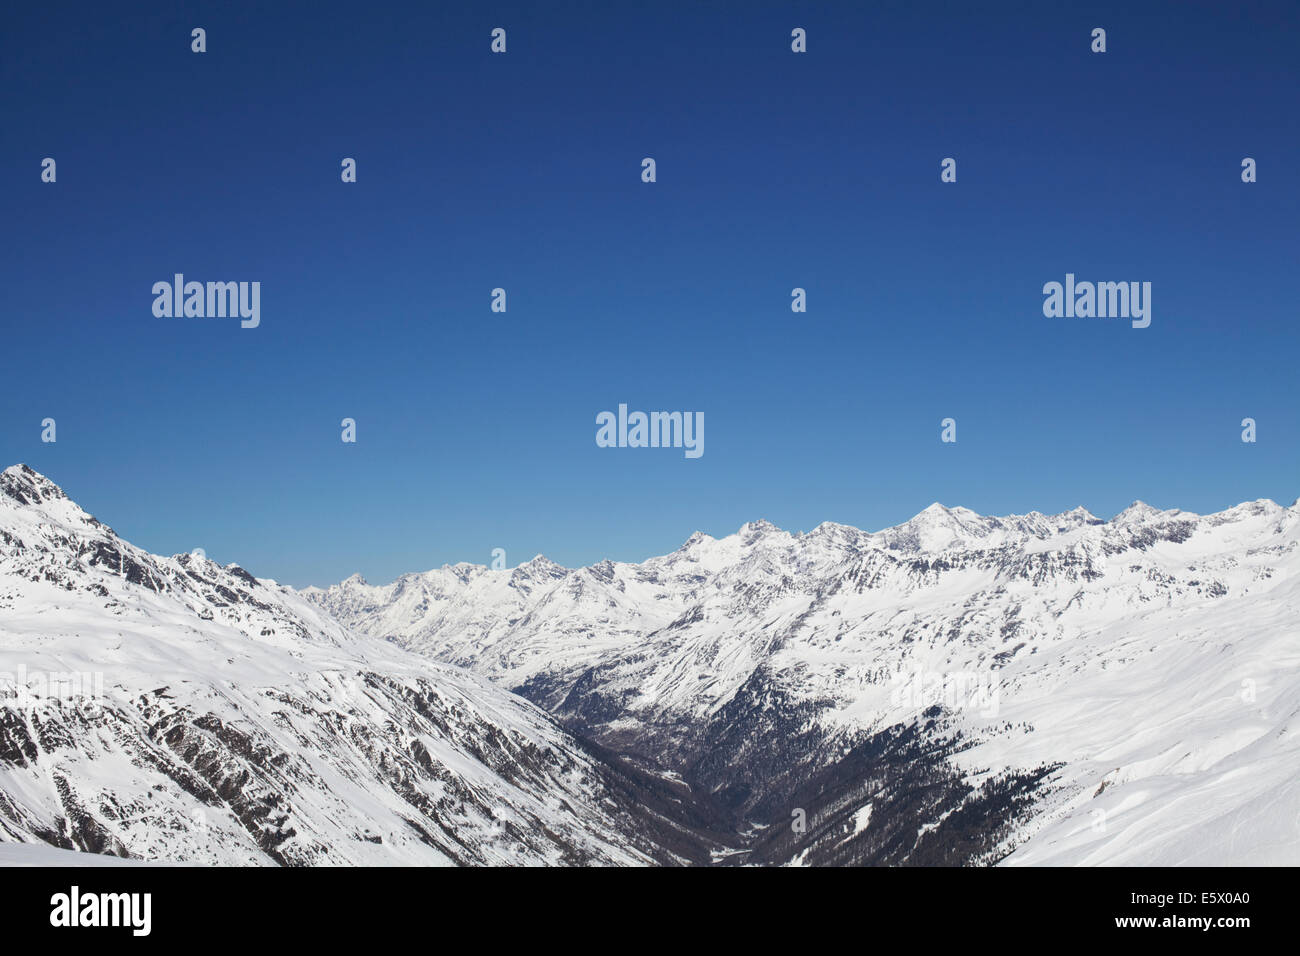 Vue sur la chaîne de montagnes couvertes de neige, Autriche Photo Stock